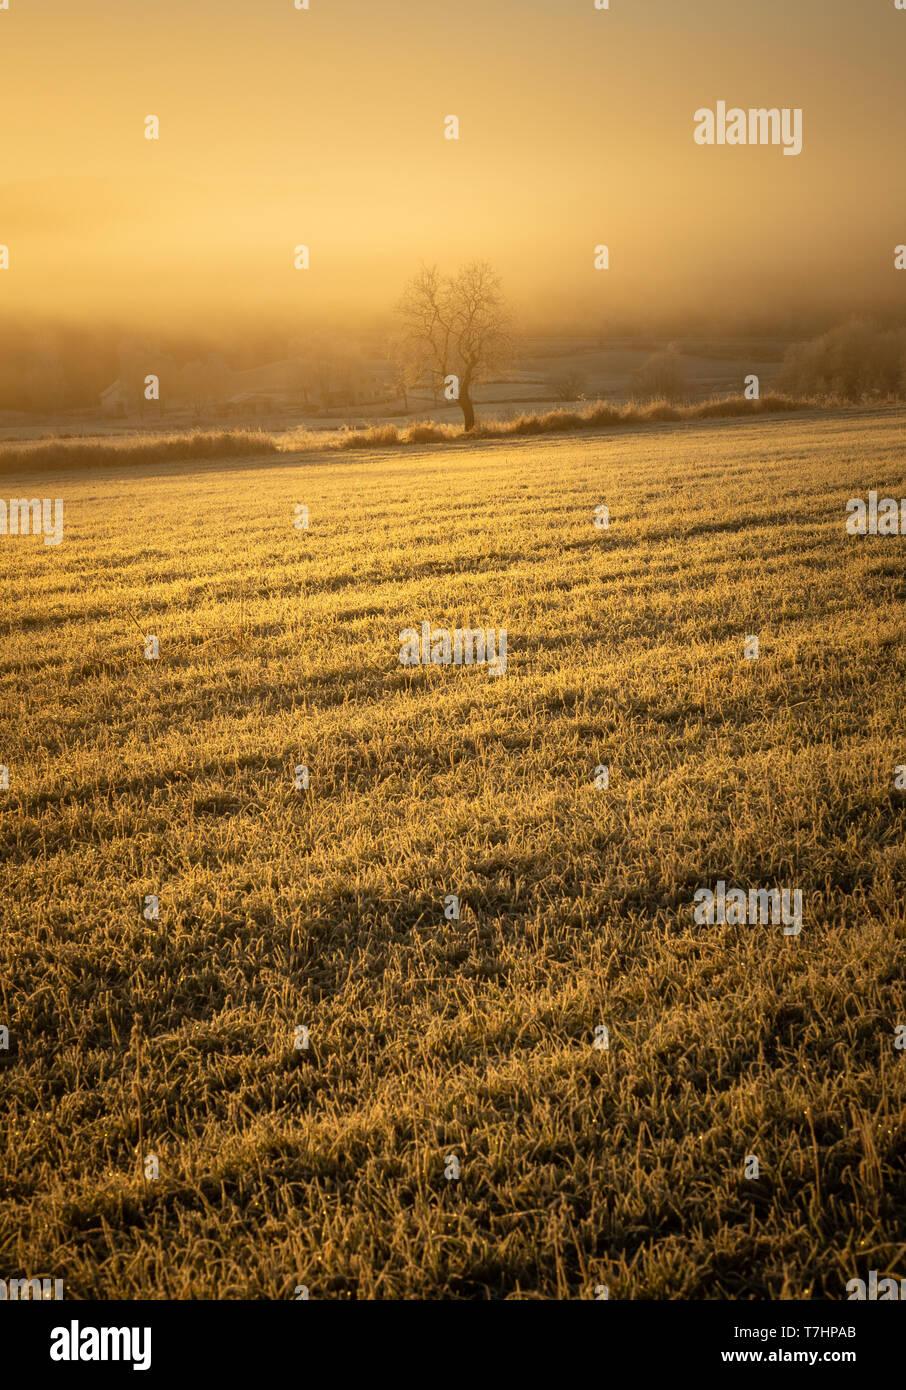 Solo árbol en los campos congelados. El paisaje de las zonas rurales próximas Jonsvatnet, Trondheim, Noruega. La luz naranja de la tarde. Foto de stock